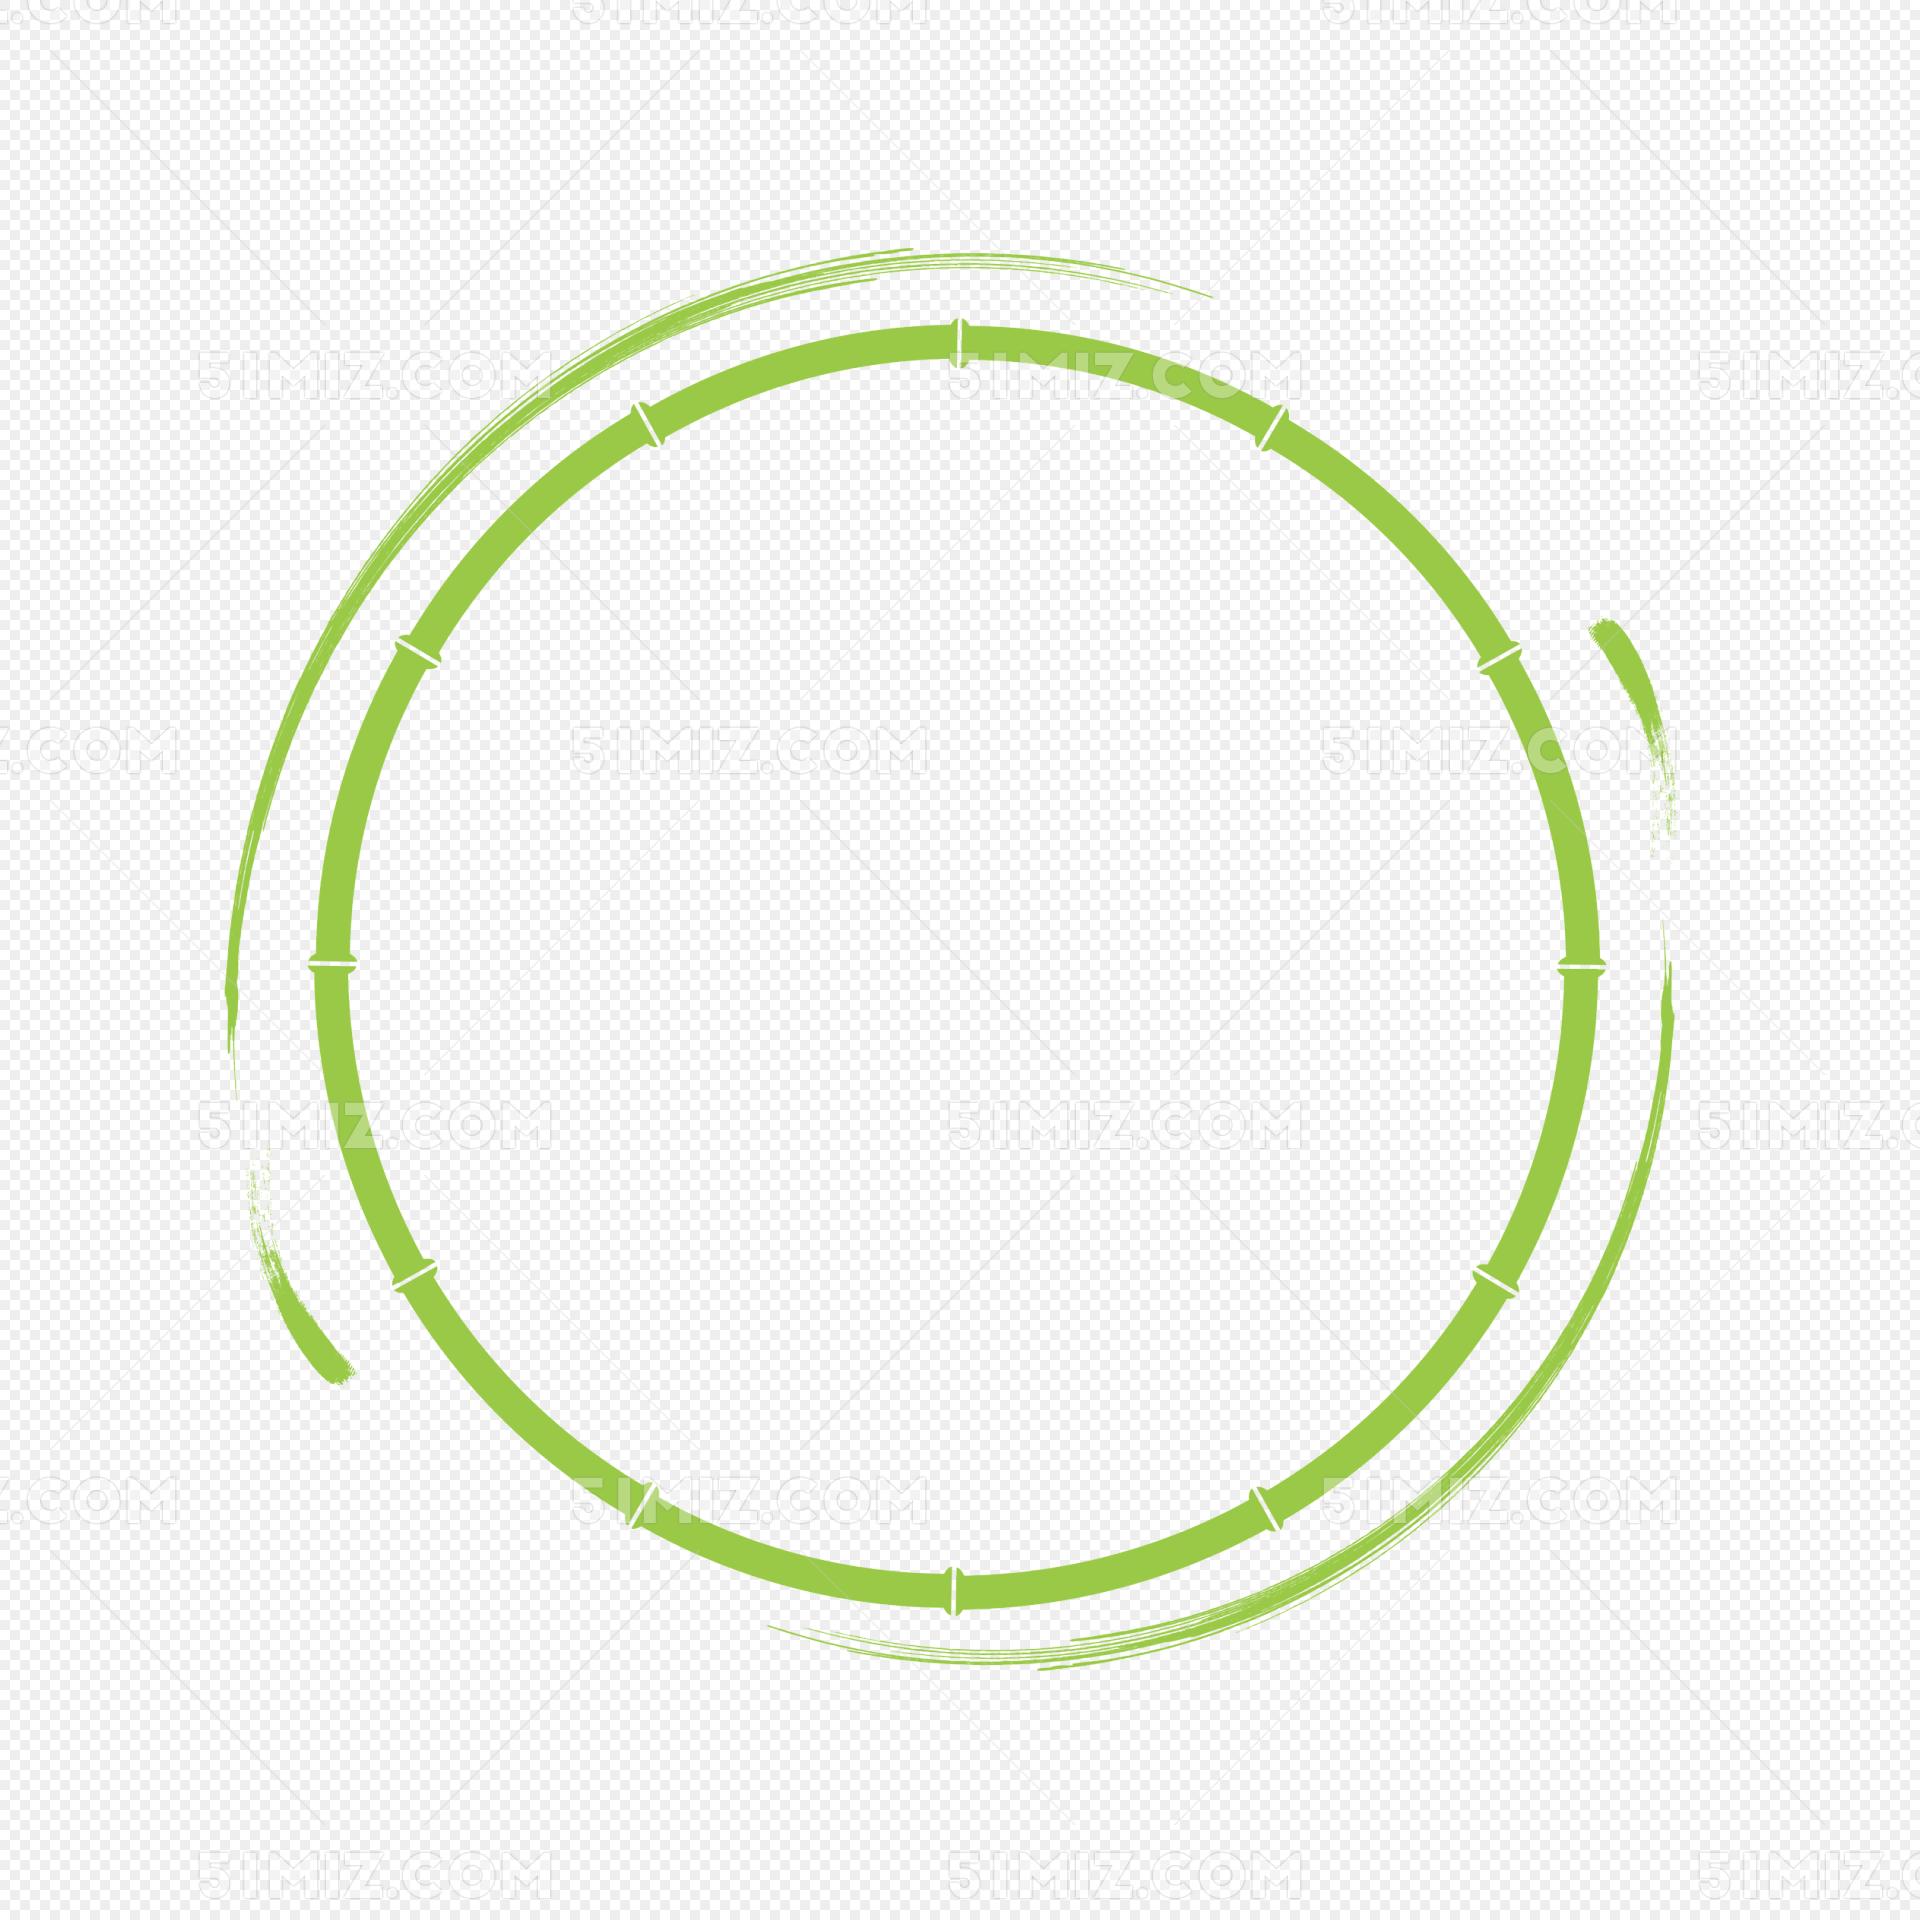 矢量端午节水墨竹子圆形古风边框